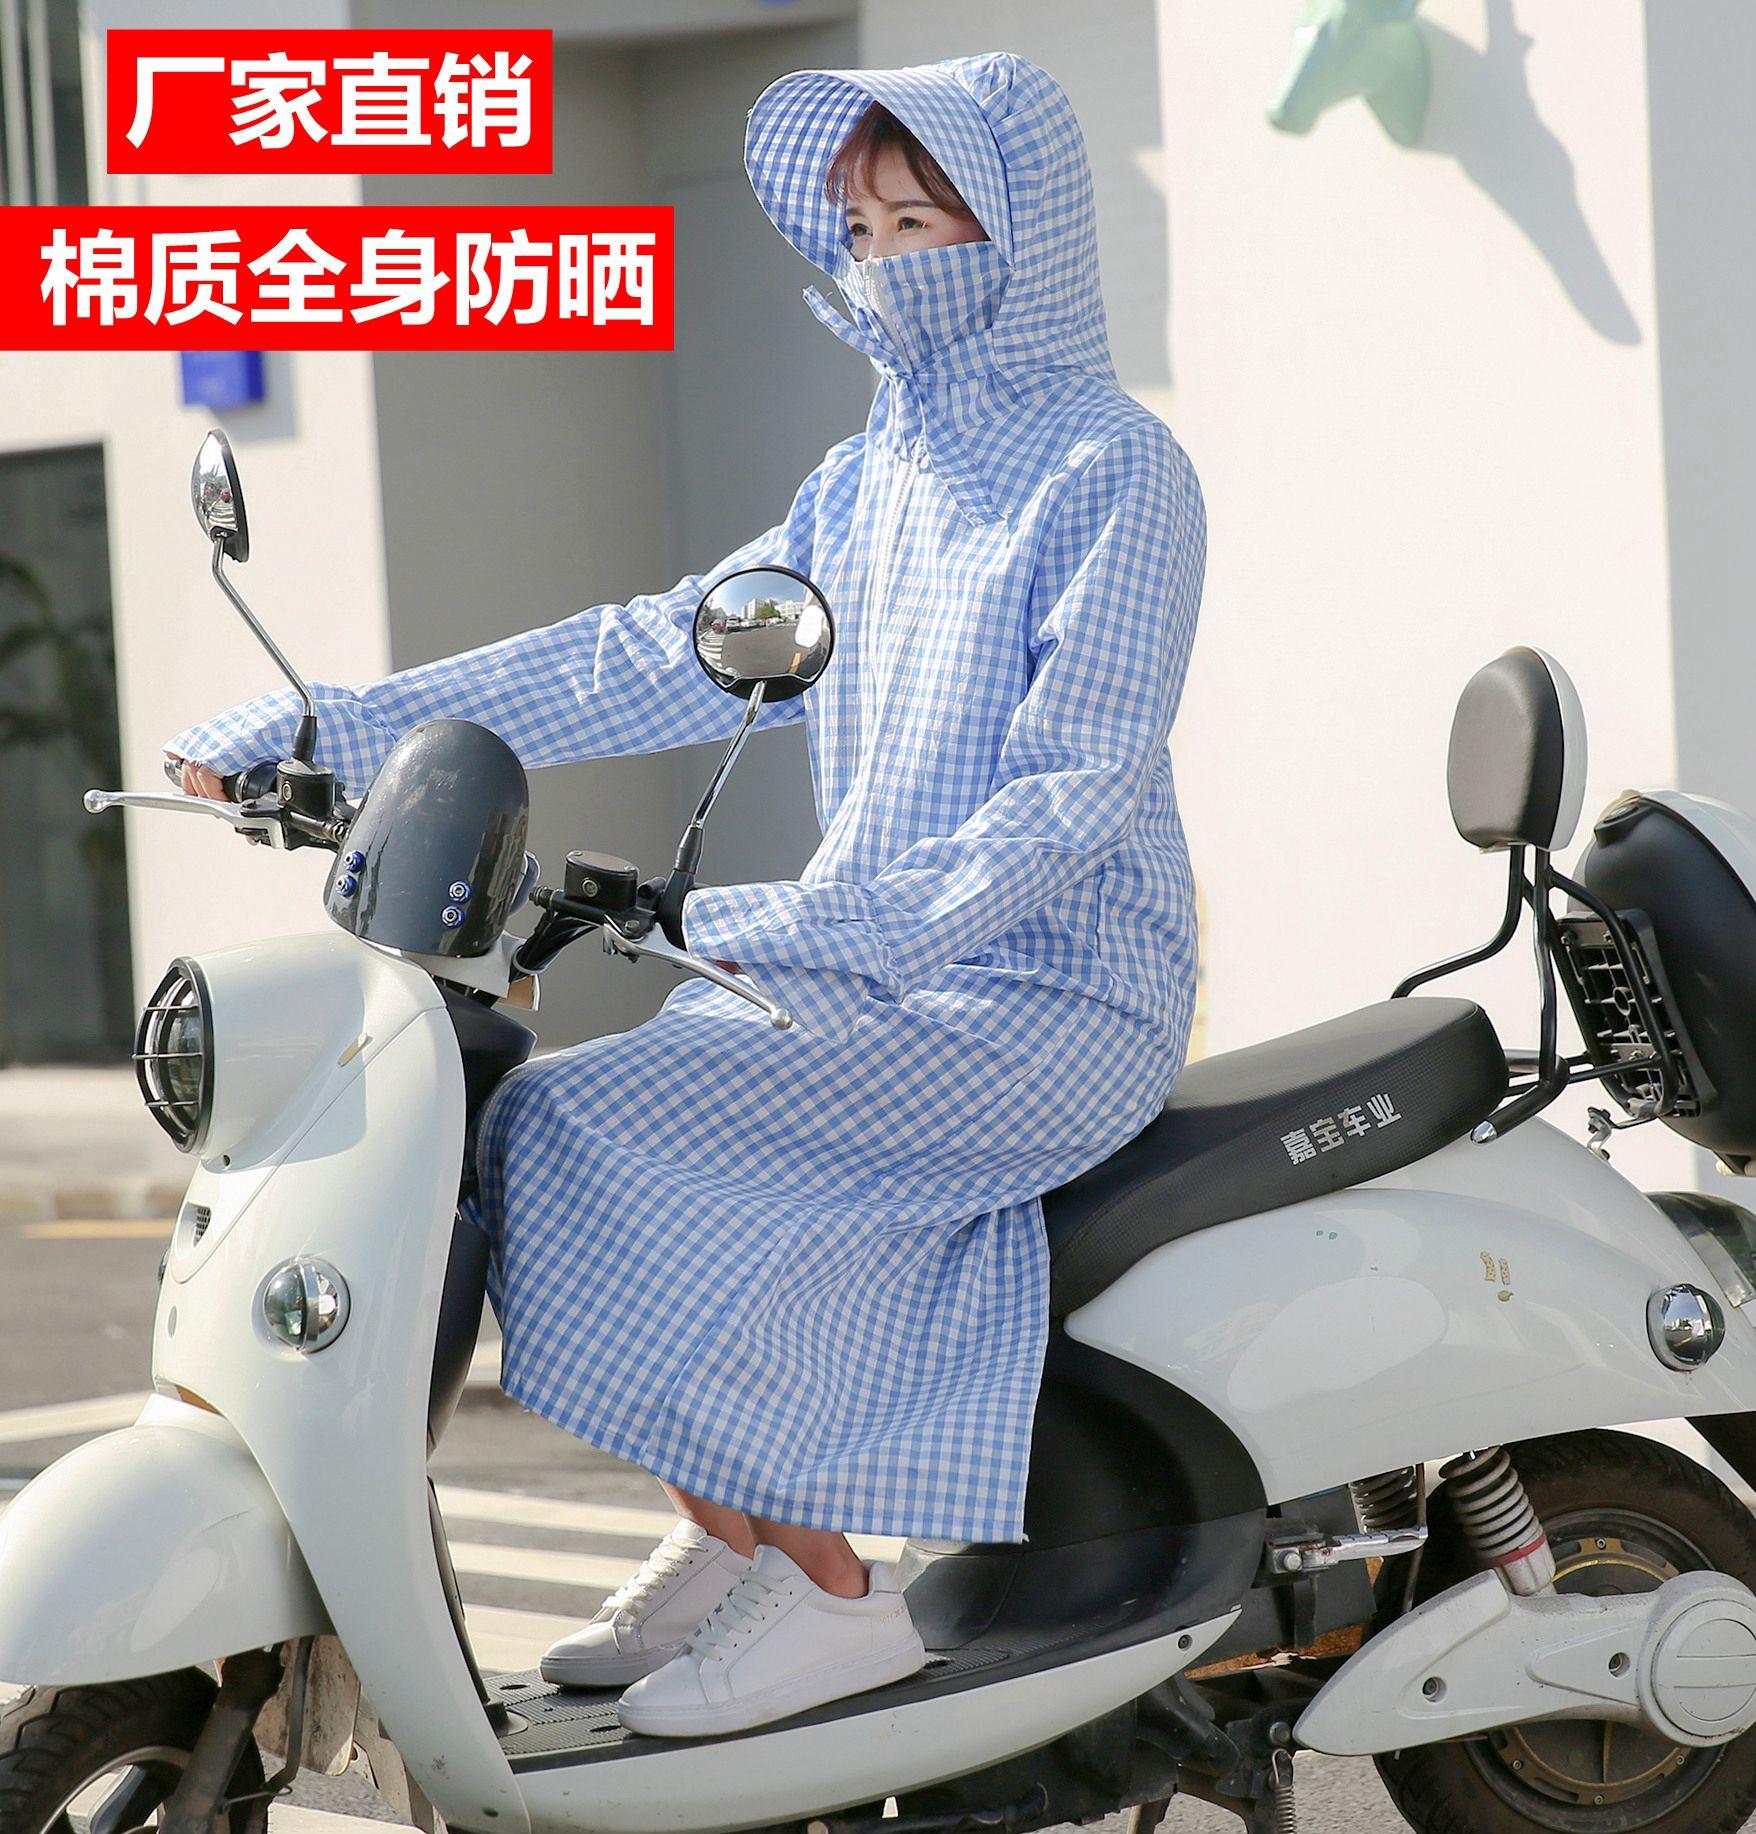 长款大帽檐纯棉防晒衣防紫外线连帽遮阳骑车全身防晒电动车披肩